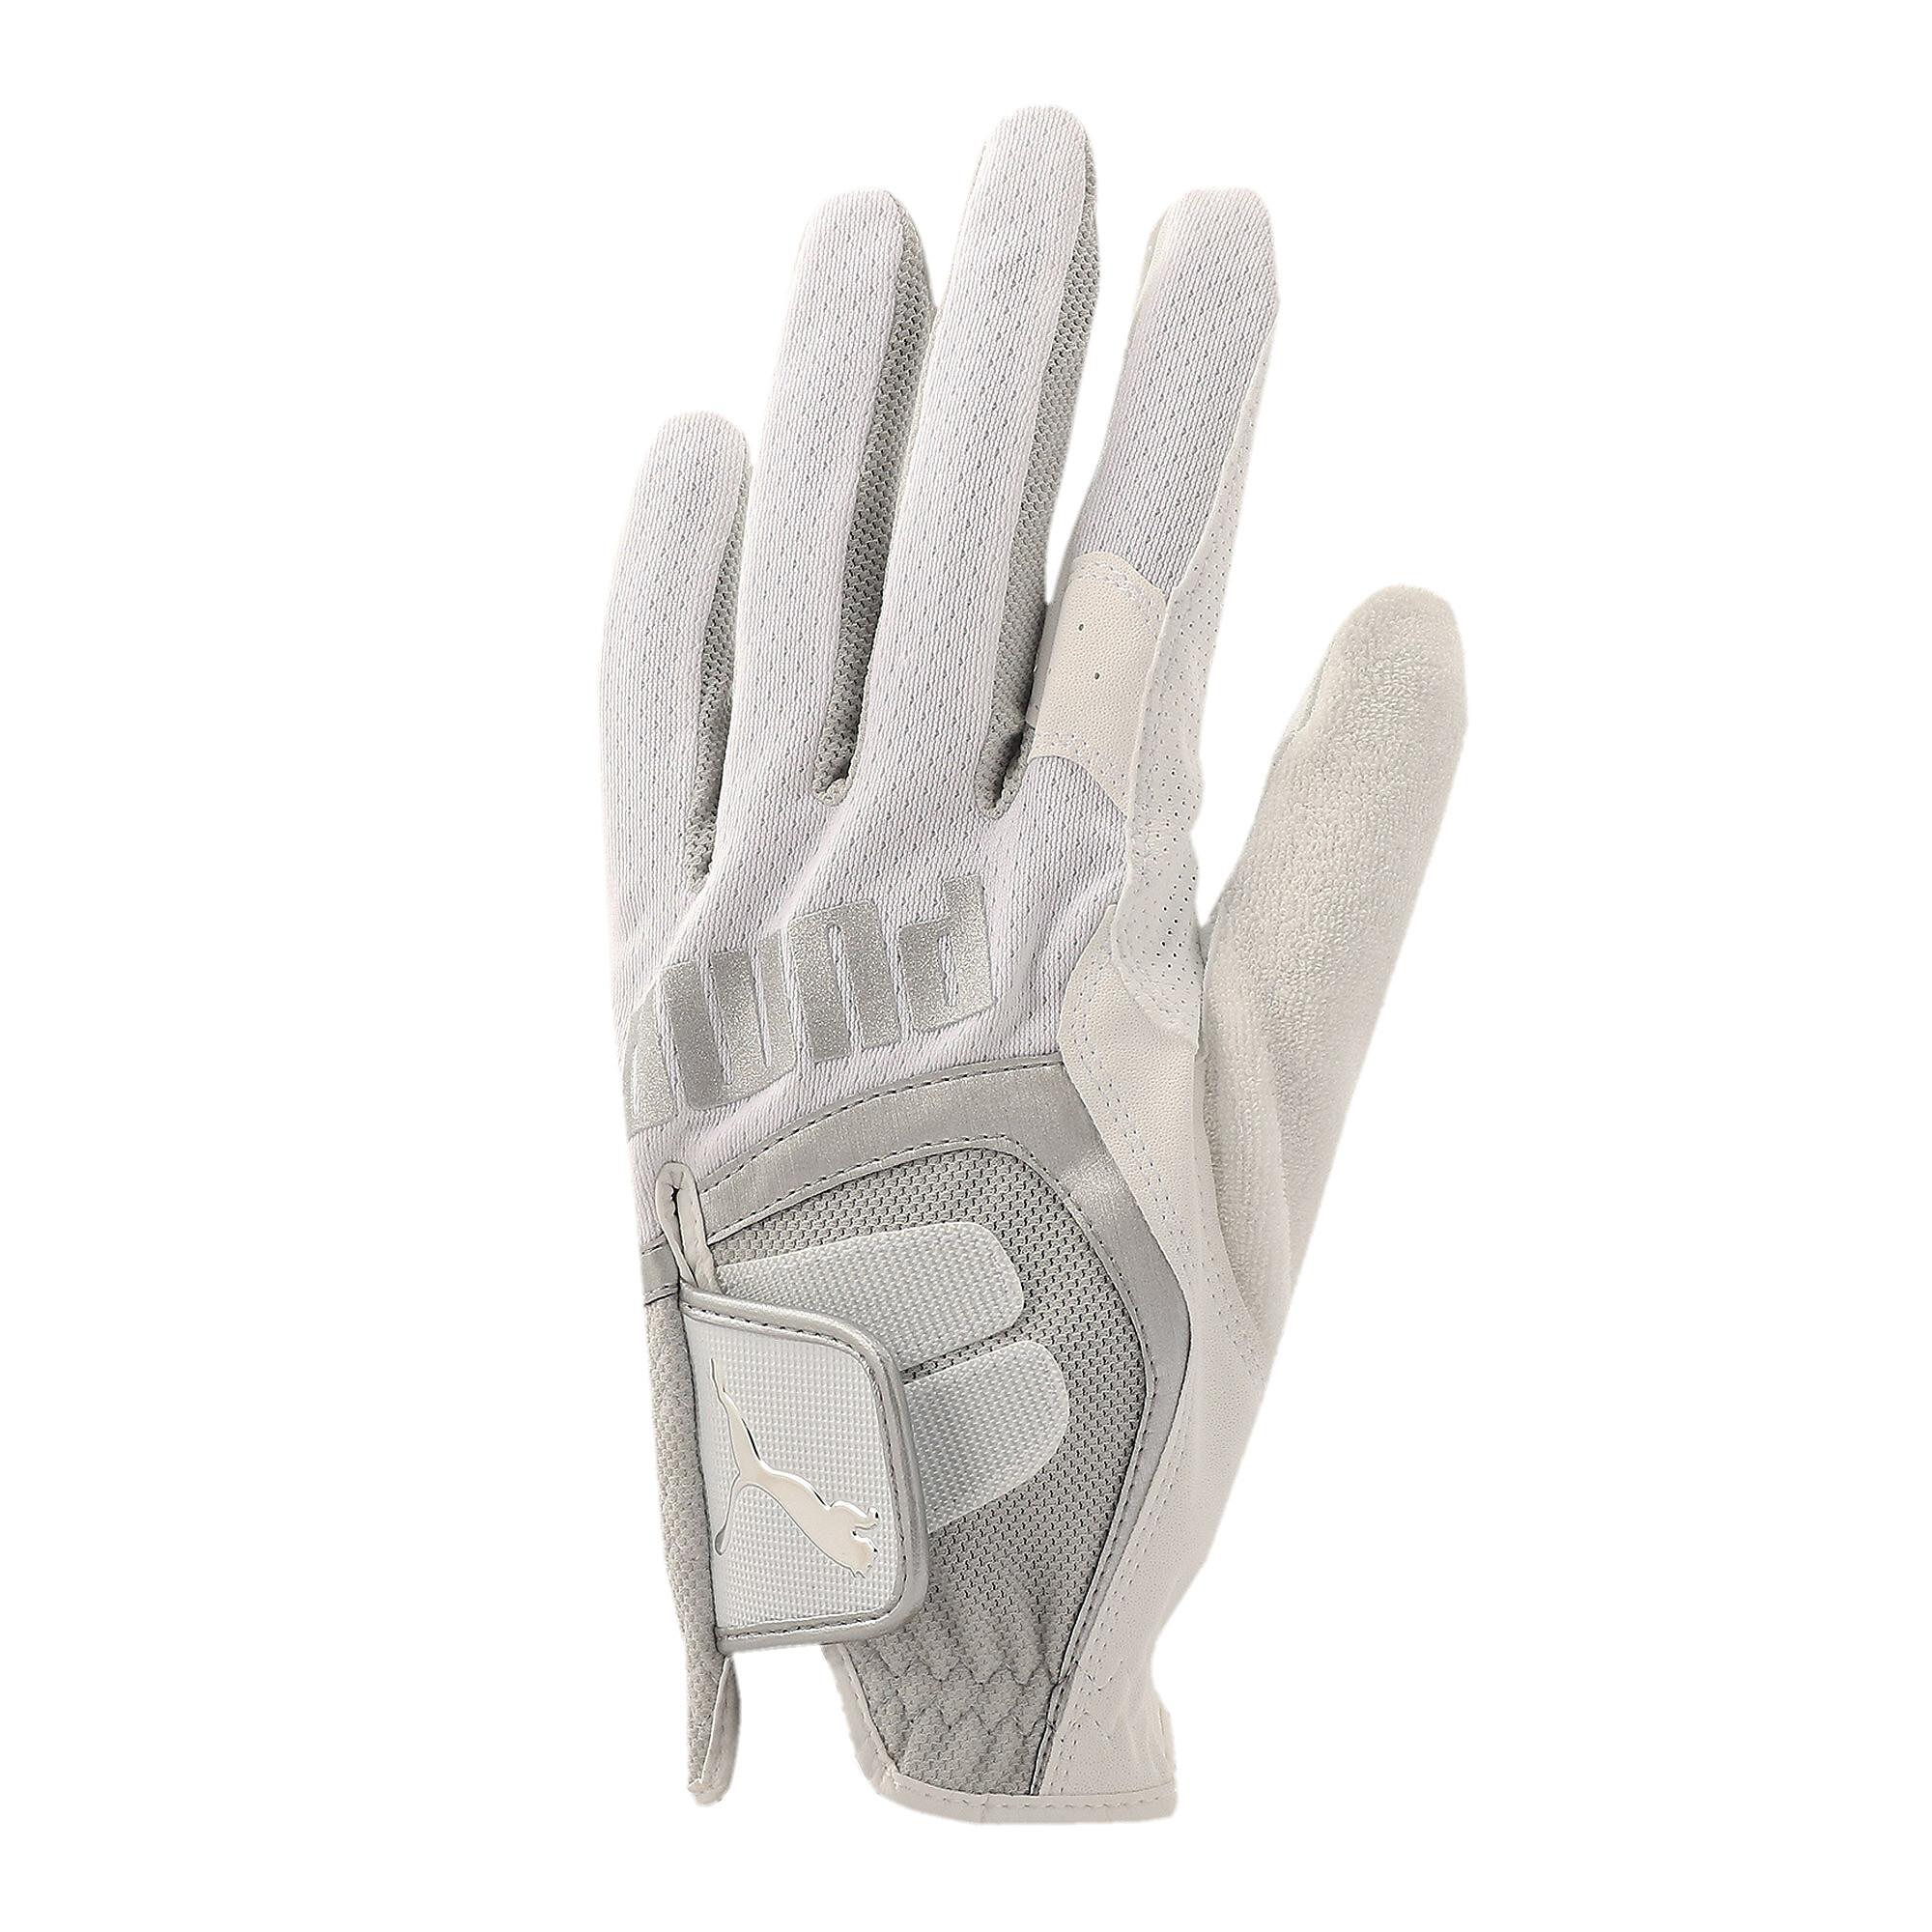 【プーマ公式通販】 プーマ ゴルフ 3D サマー グローブ メンズ Bright White / Quarry |PUMA.com